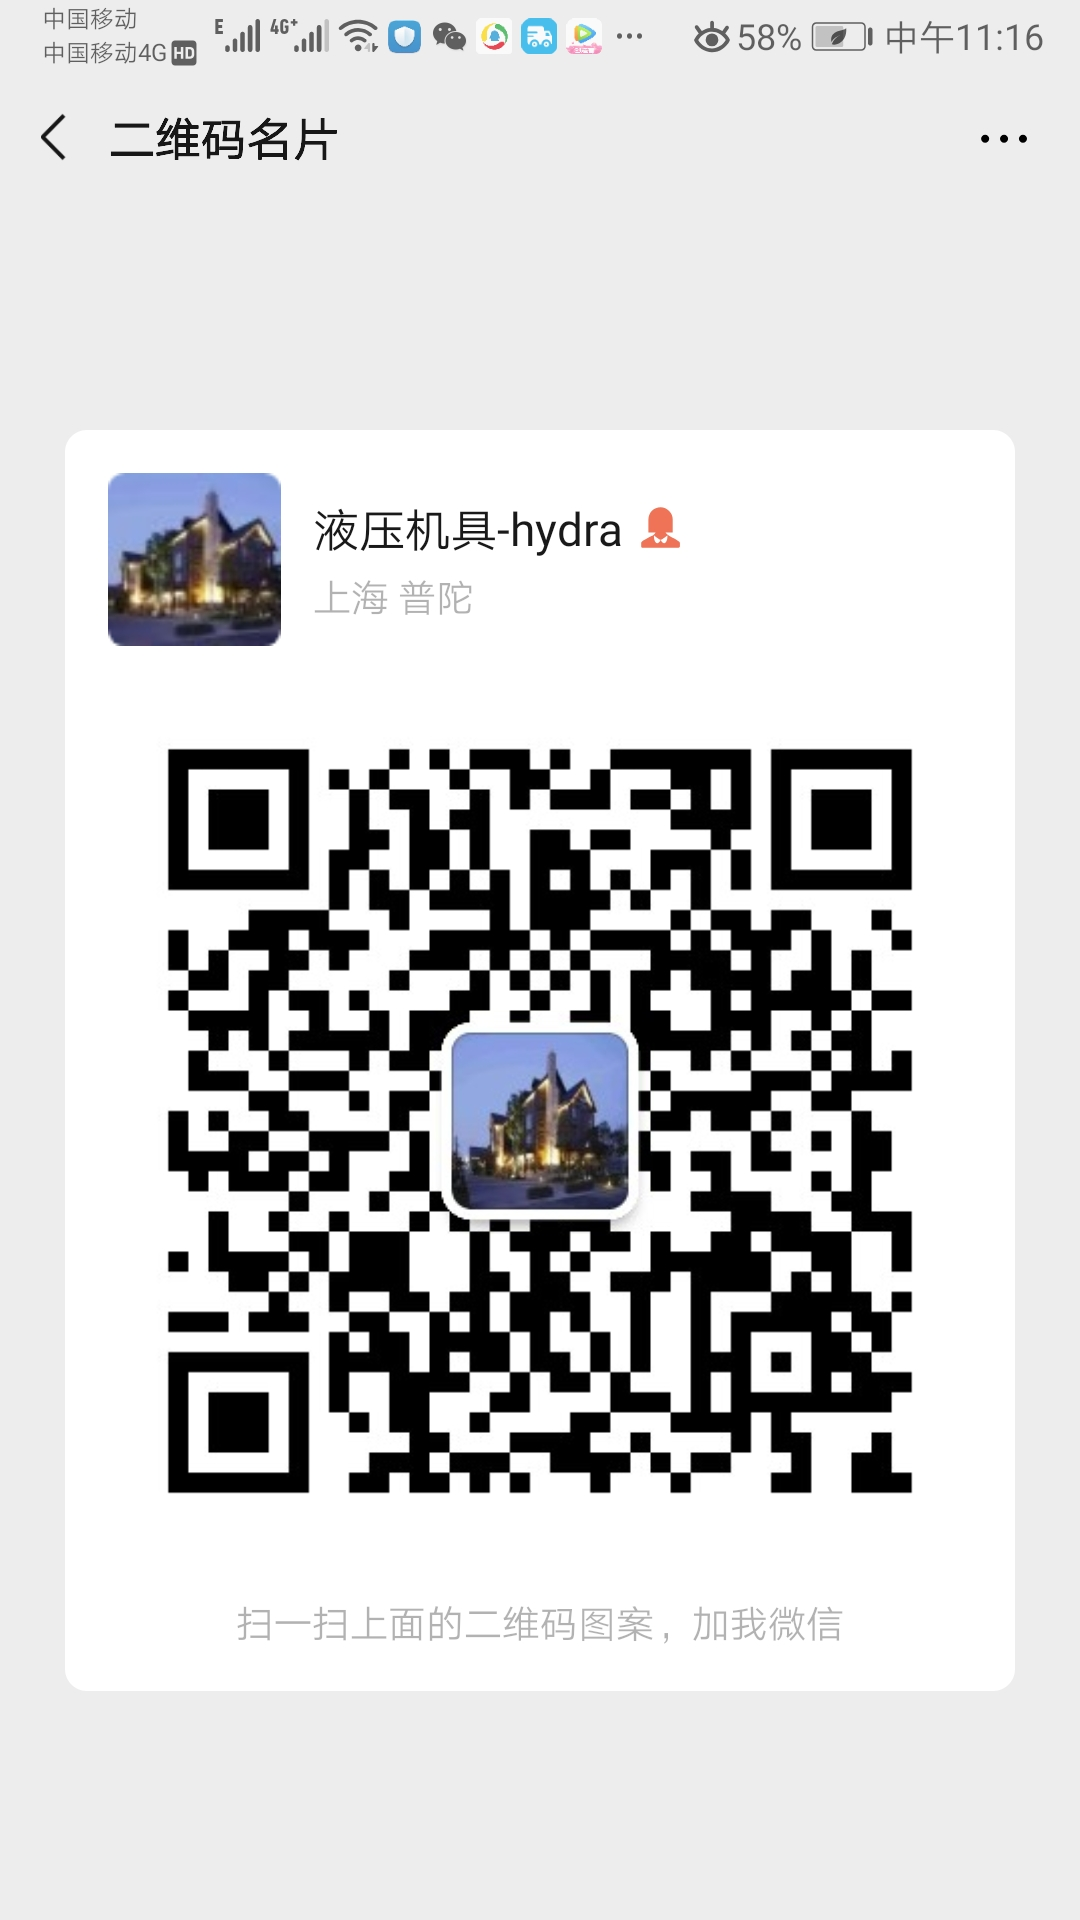 上海海塔机械制造有限公司